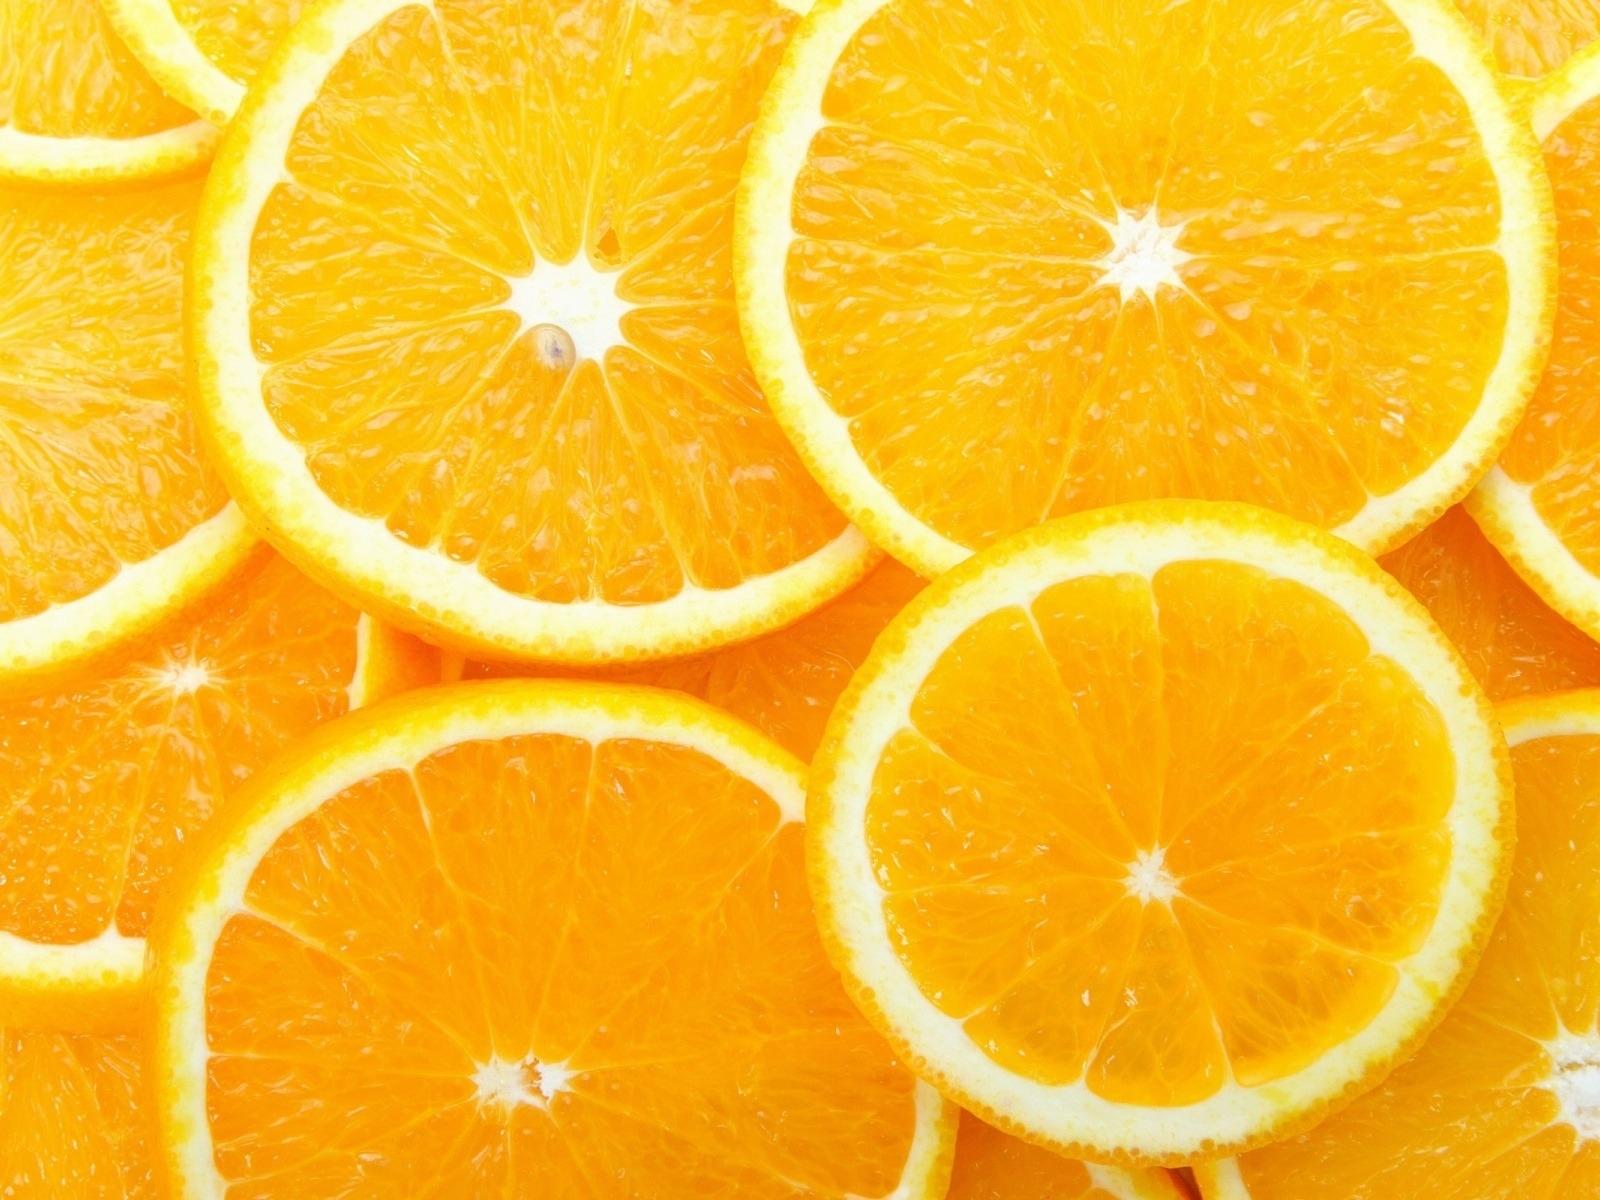 2972 téléchargez gratuitement des fonds d'écran Jaune pour votre téléphone, des images Fruits, Nourriture, Contexte, Oranges Jaune et des économiseurs d'écran pour votre mobile